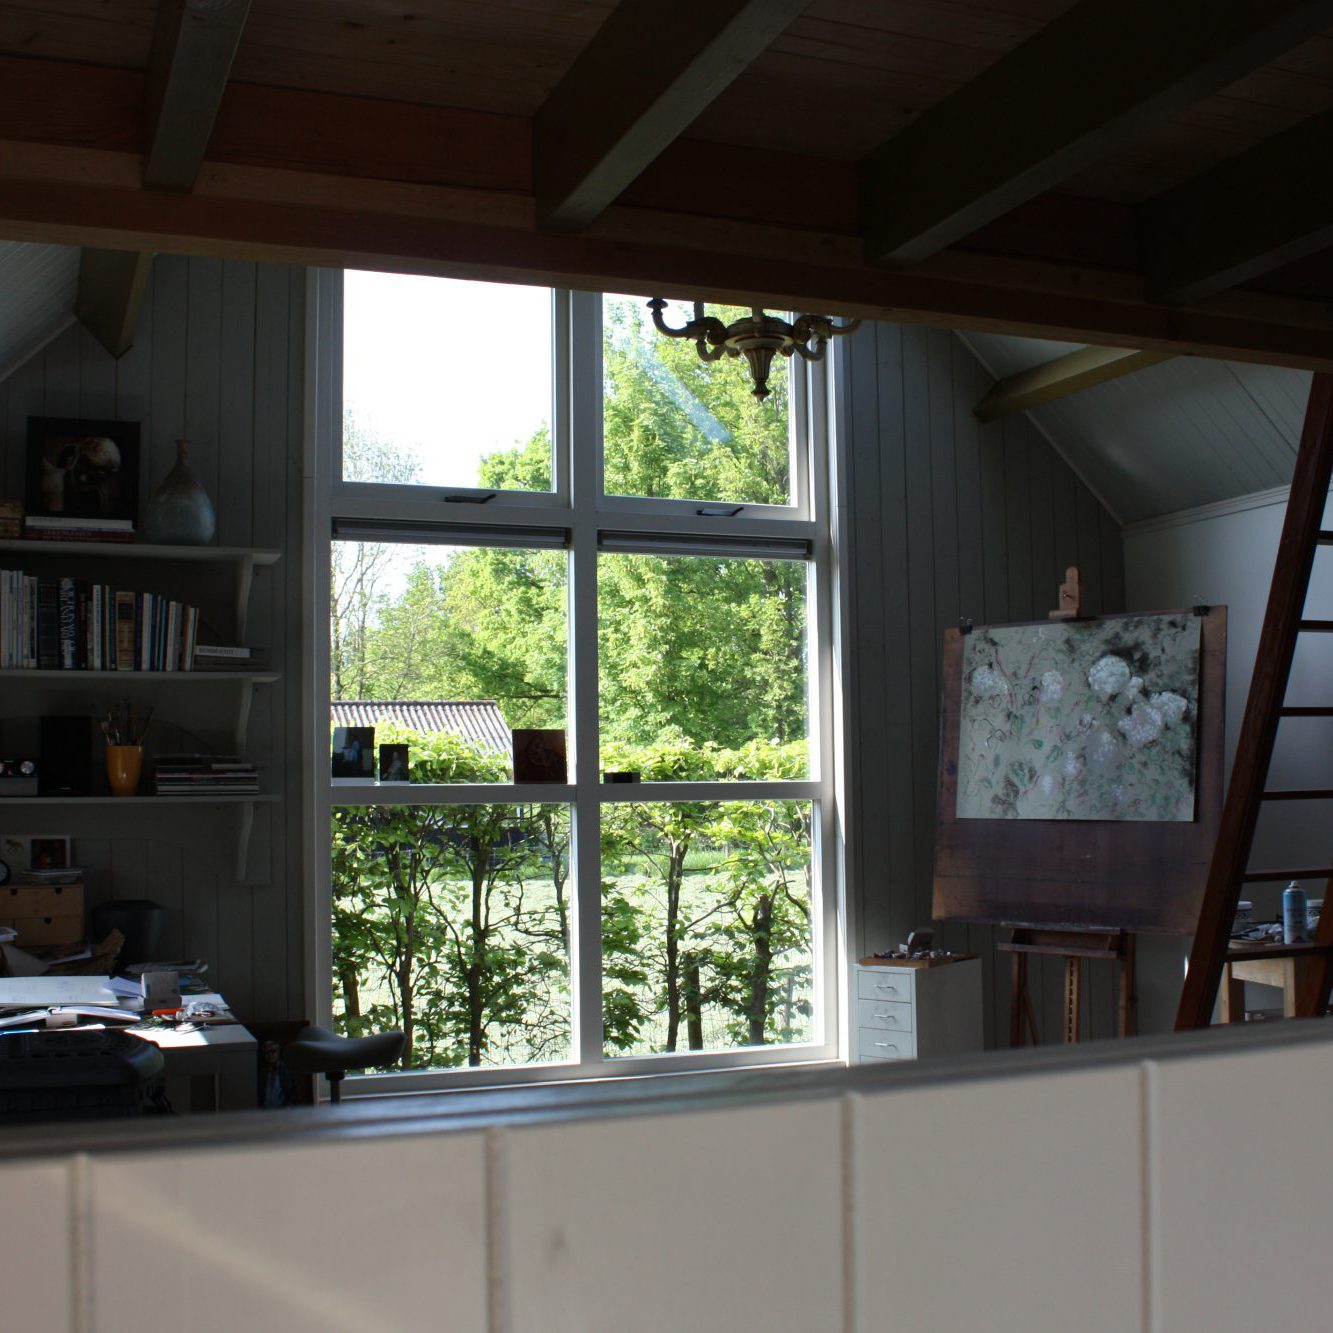 Studio in summer